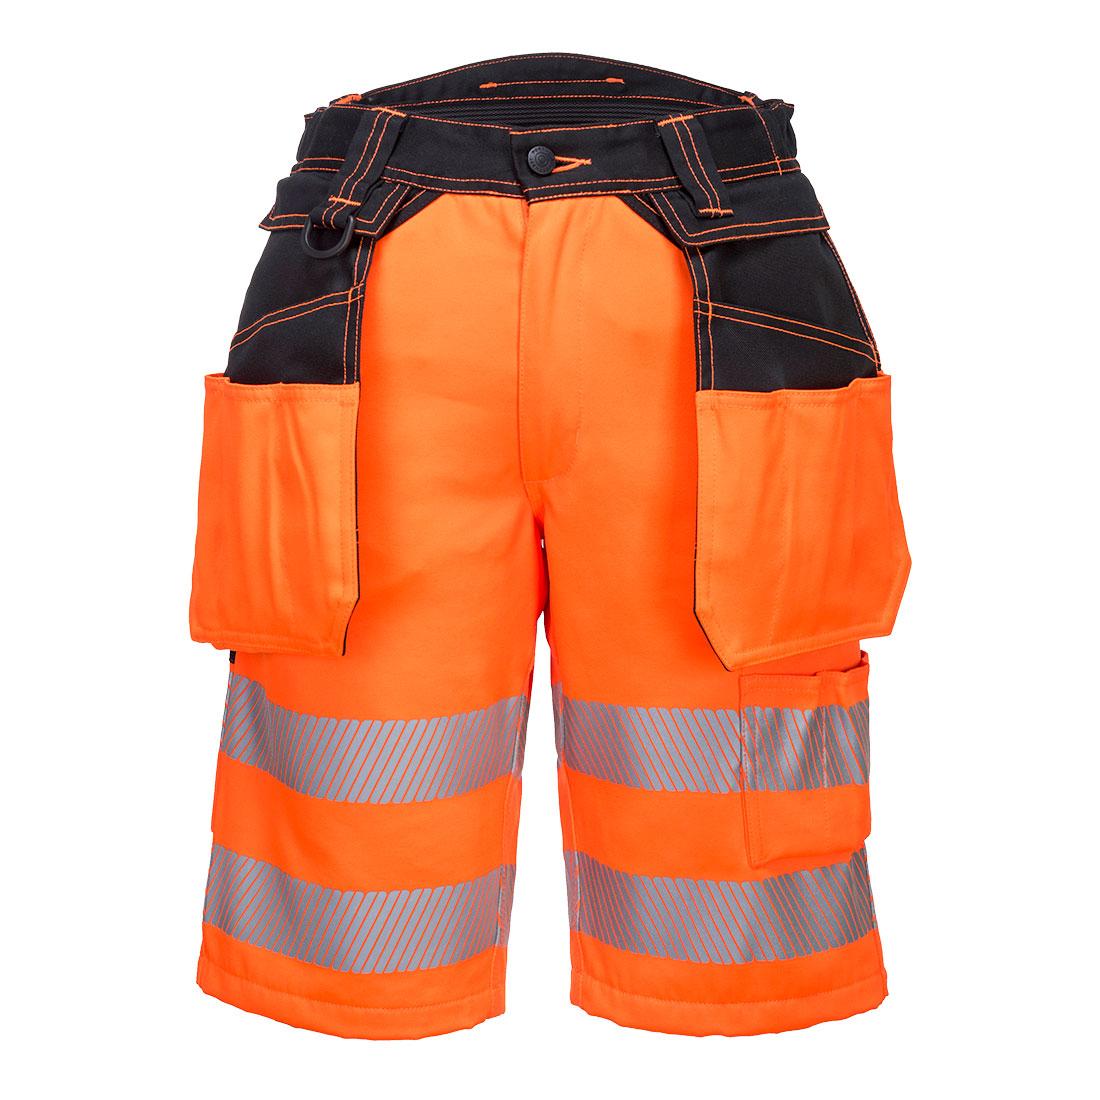 Portwest Hi-Vis Holster Shorts - Orange / Black Front